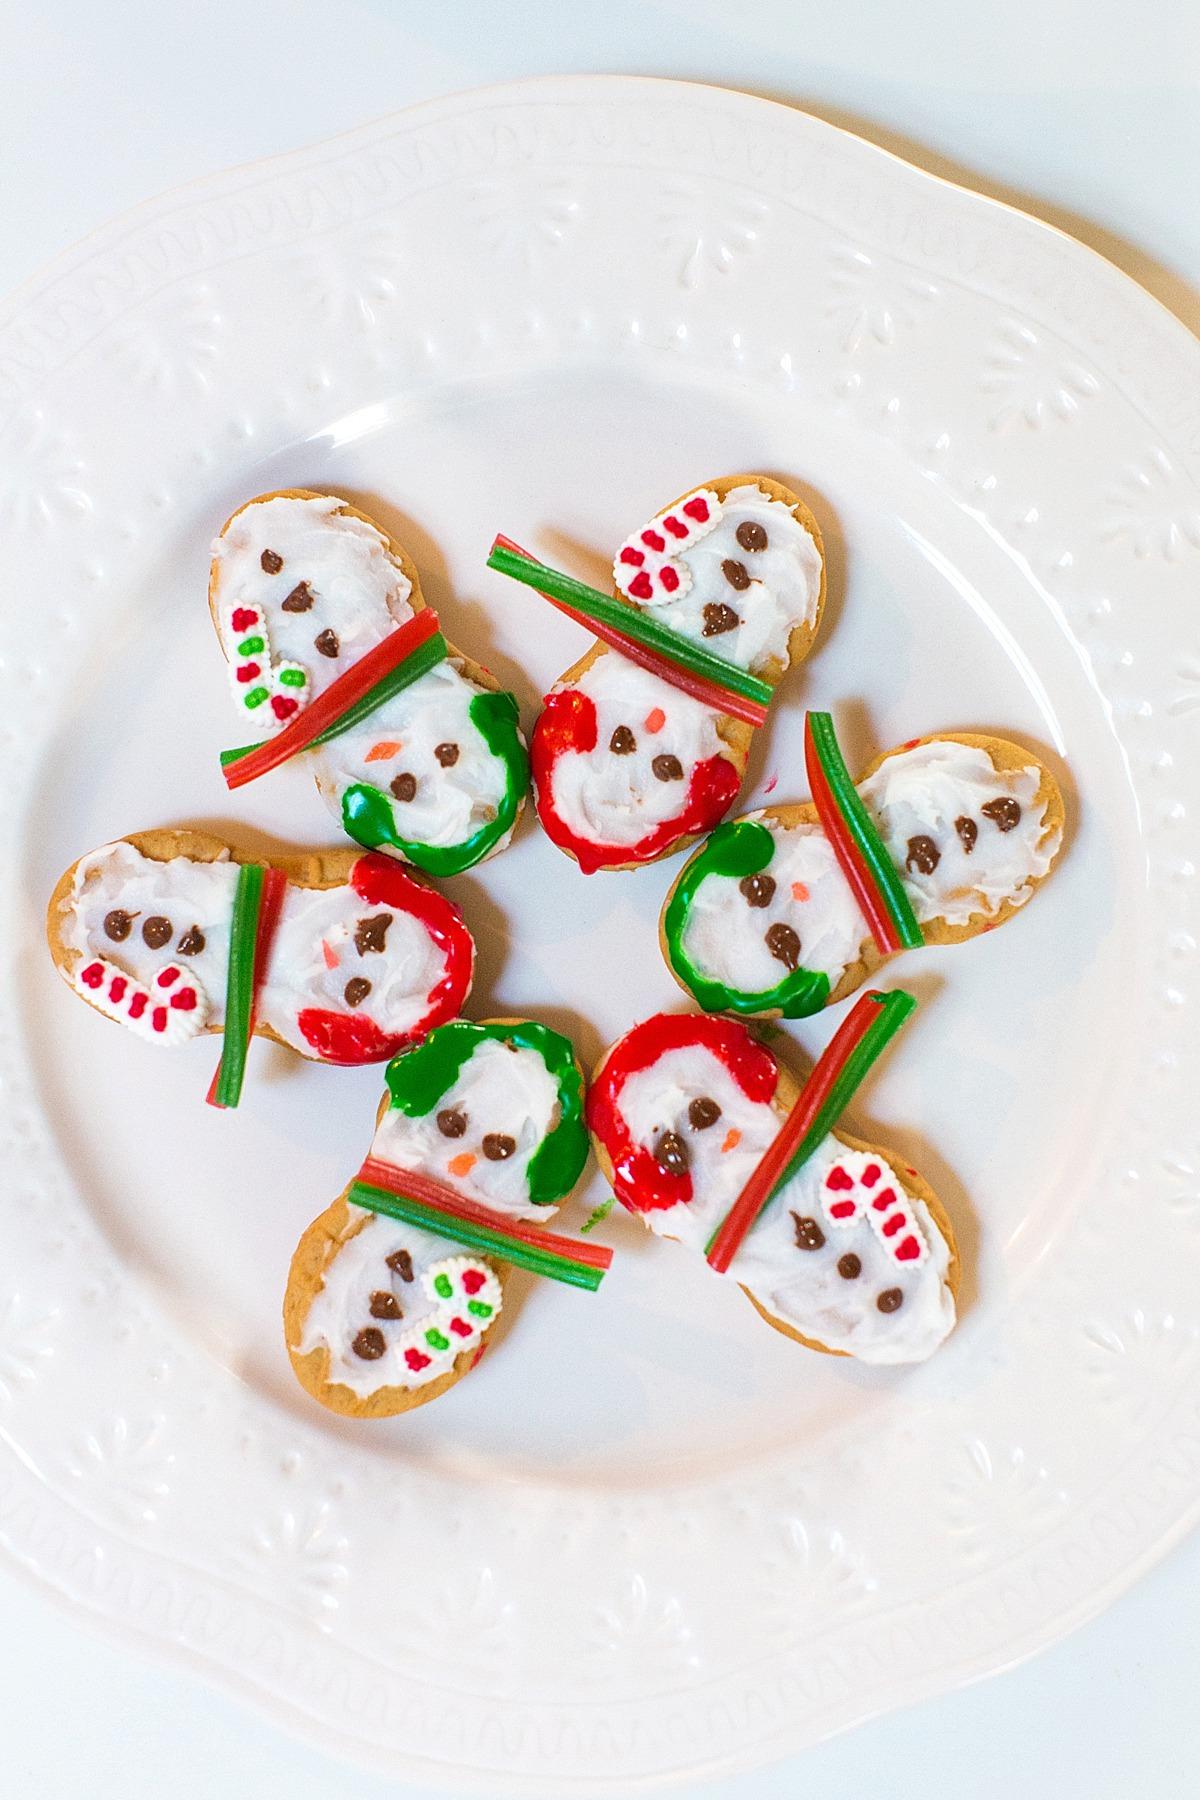 nutter-butter-cookies-christmas-santa-snowmen-decorating-ideas-1555